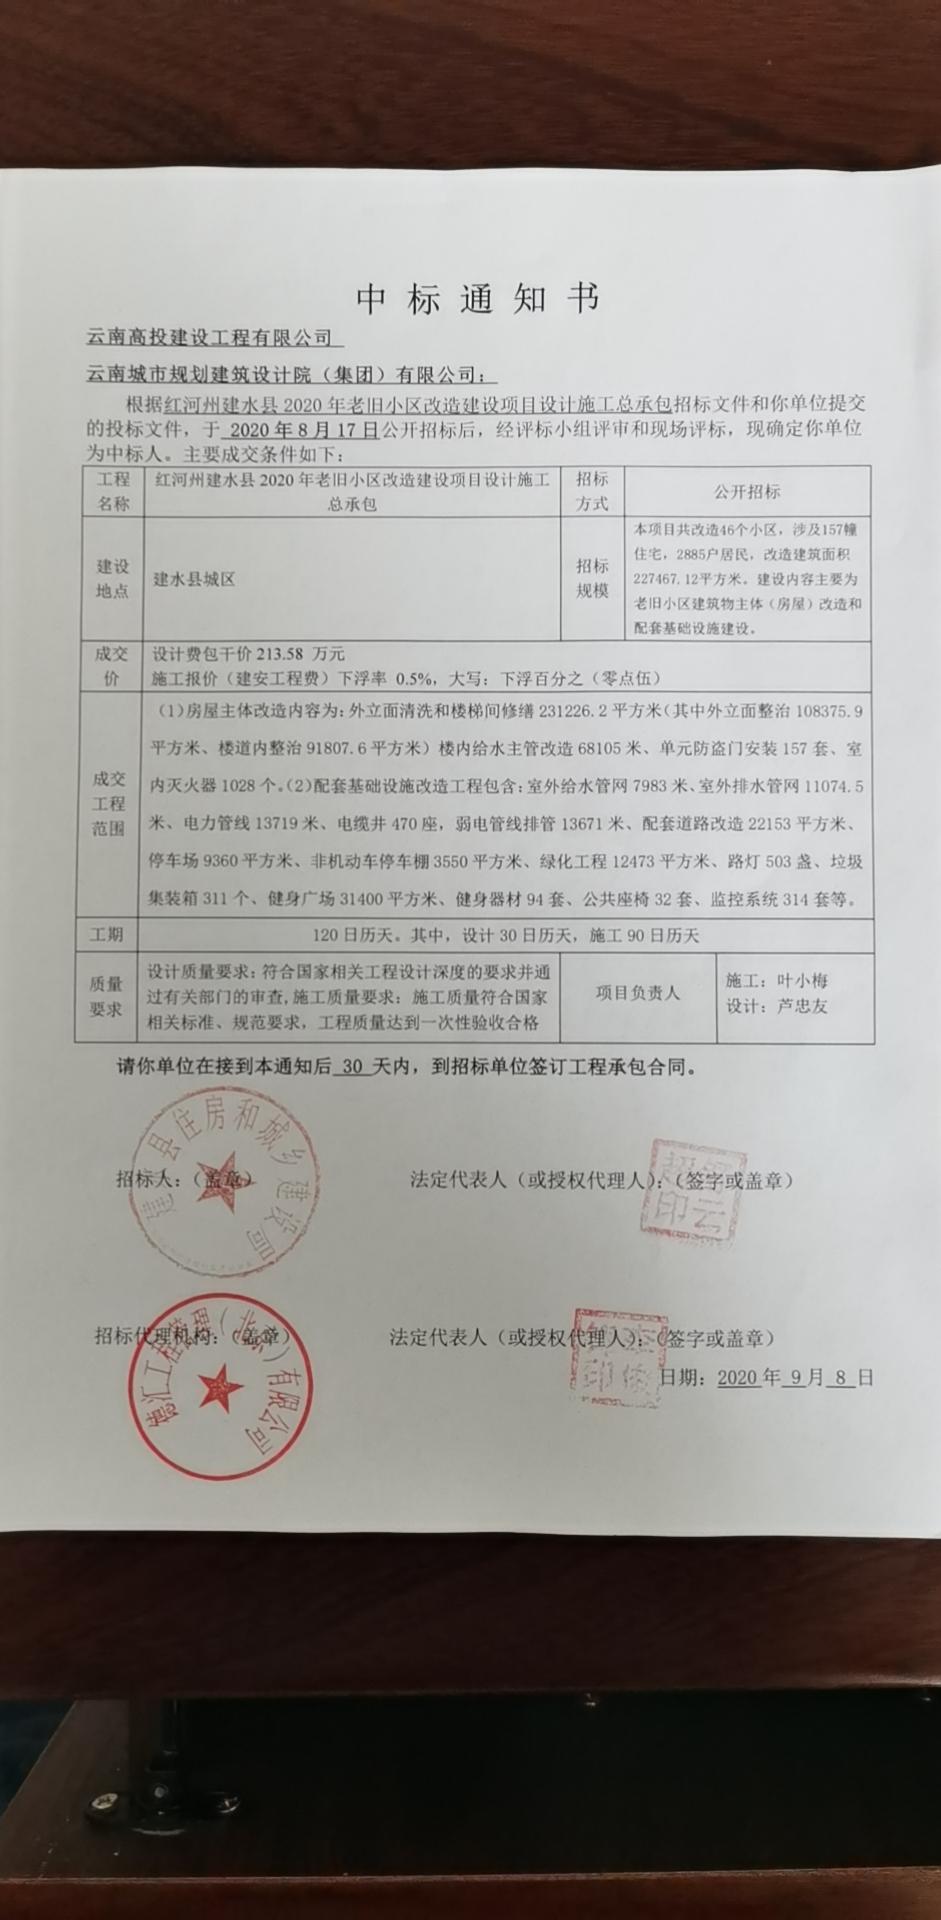 2020.9.8红河州建水县2020年老旧小区中标通知书.jpg